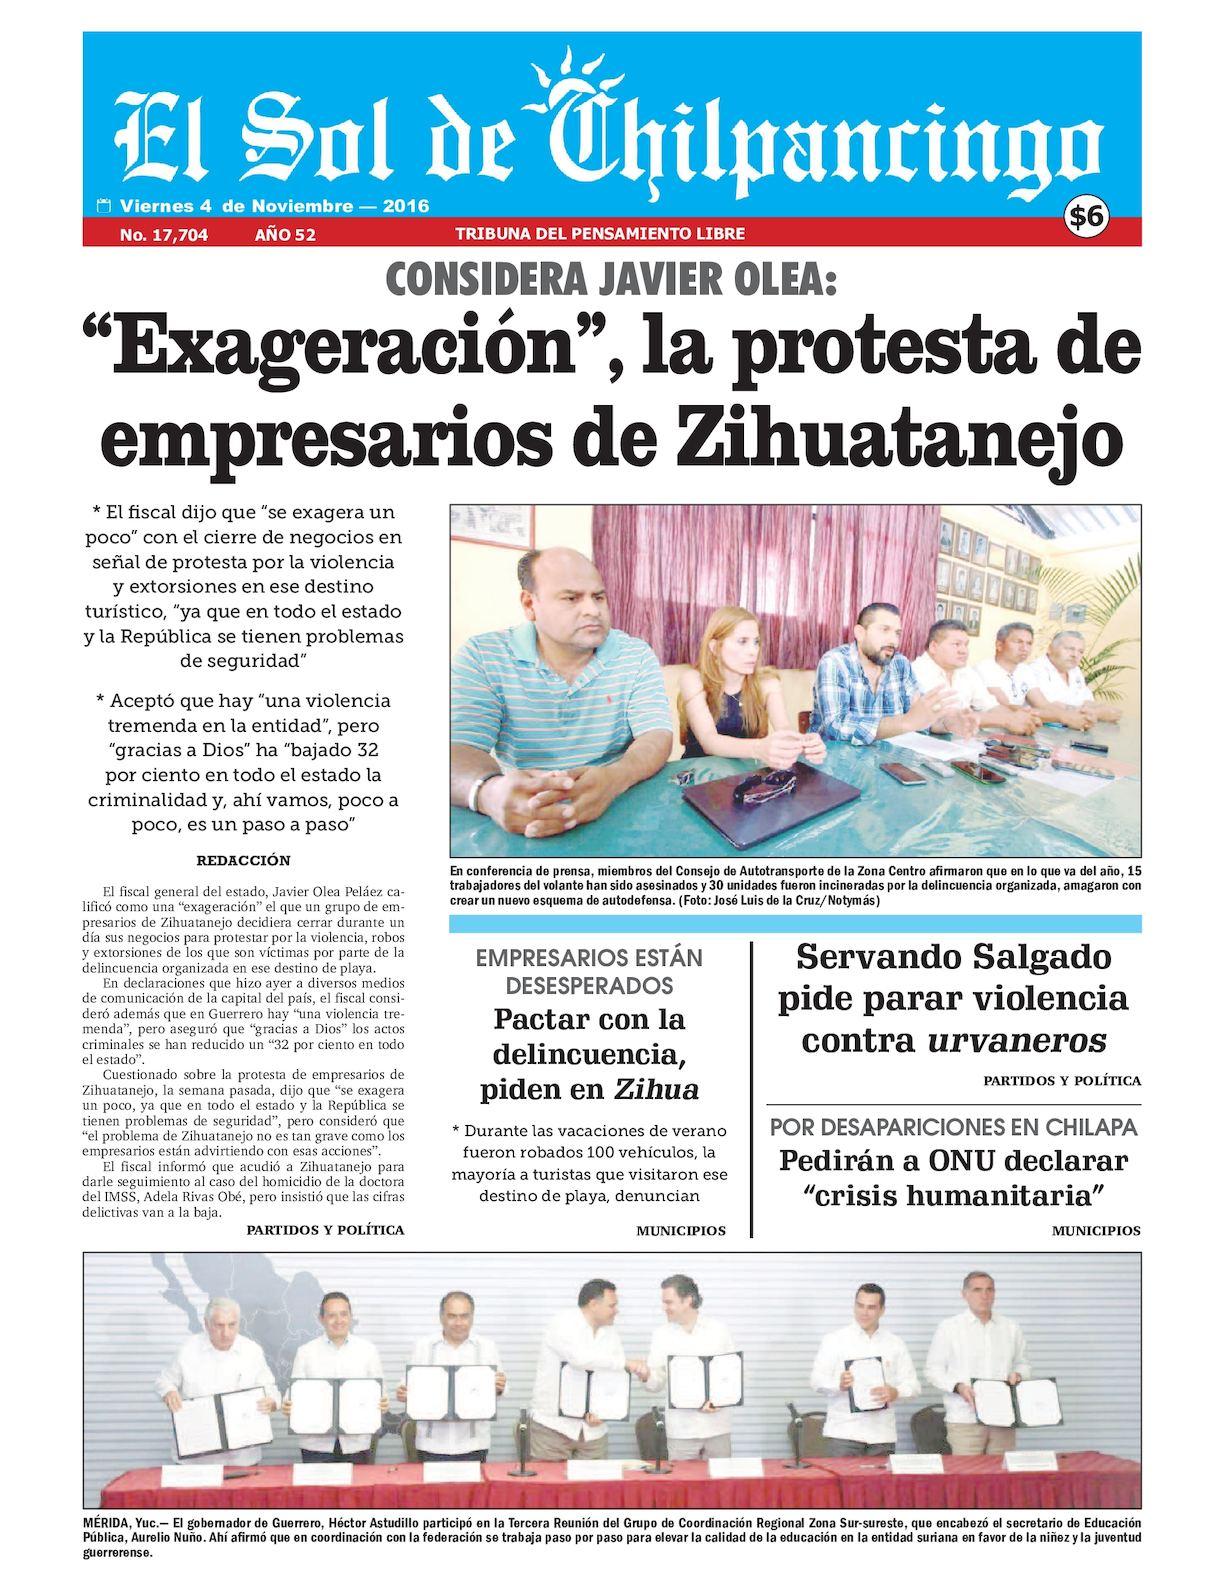 El Calaméo 04 Noviembre 2016 Sol De Chilpancingo 8nPkX0wO